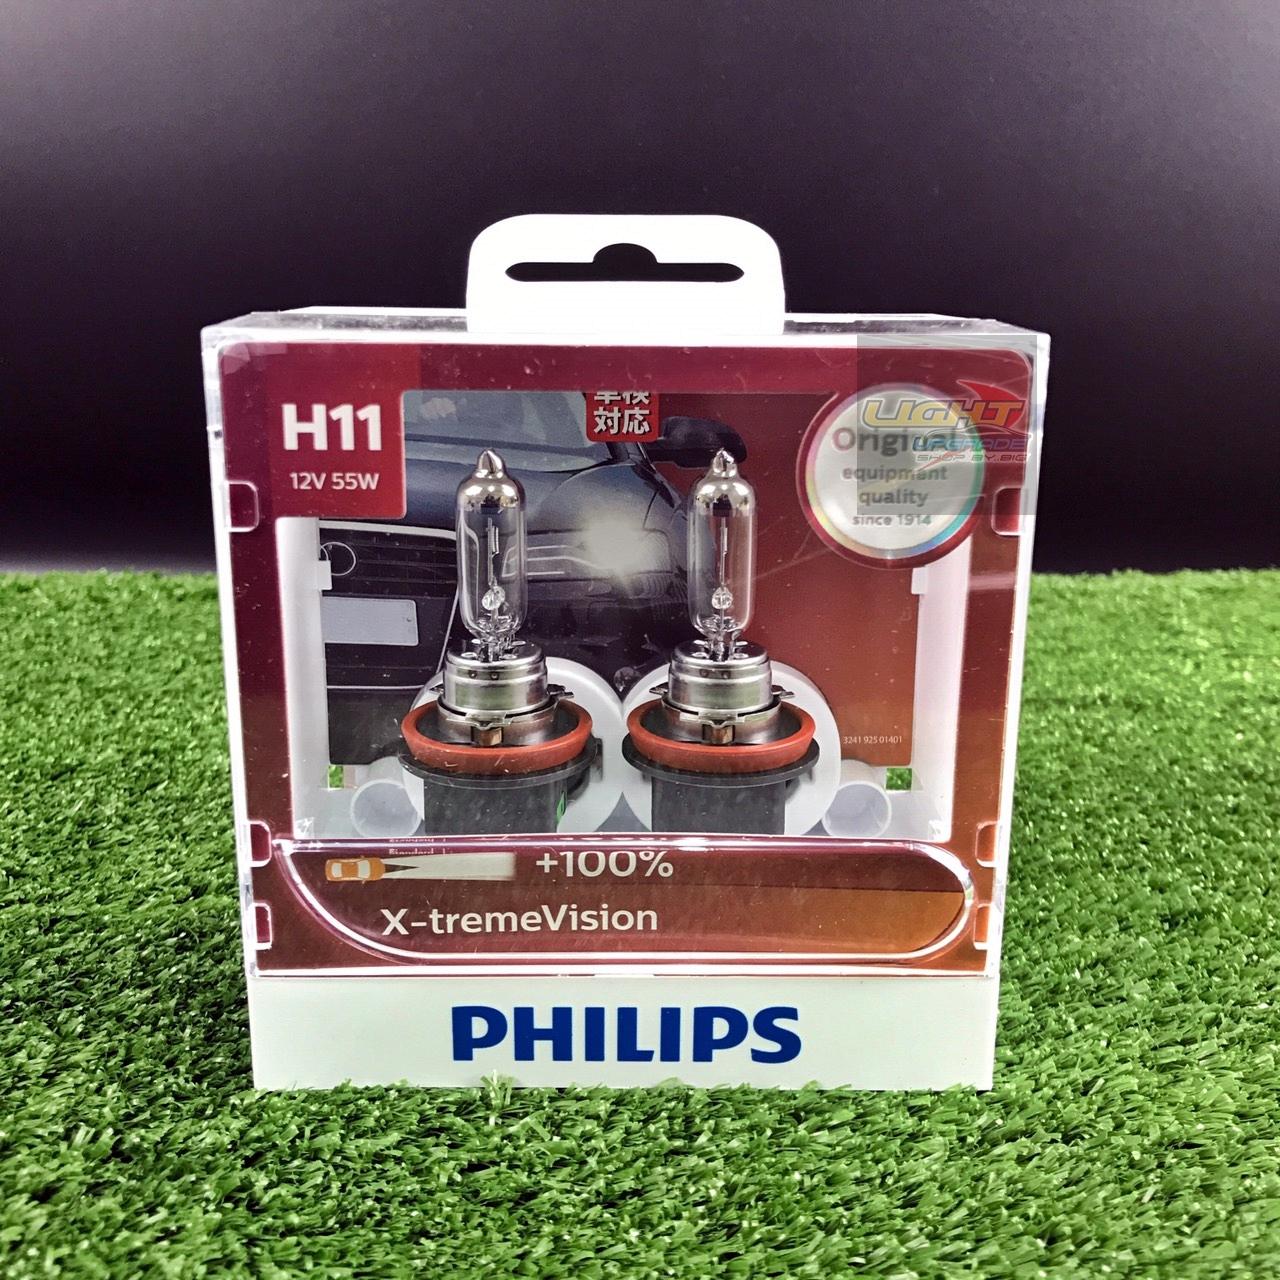 หลอดไฟอัพเกรด PHILIPS H11 X-treme Vision +100%